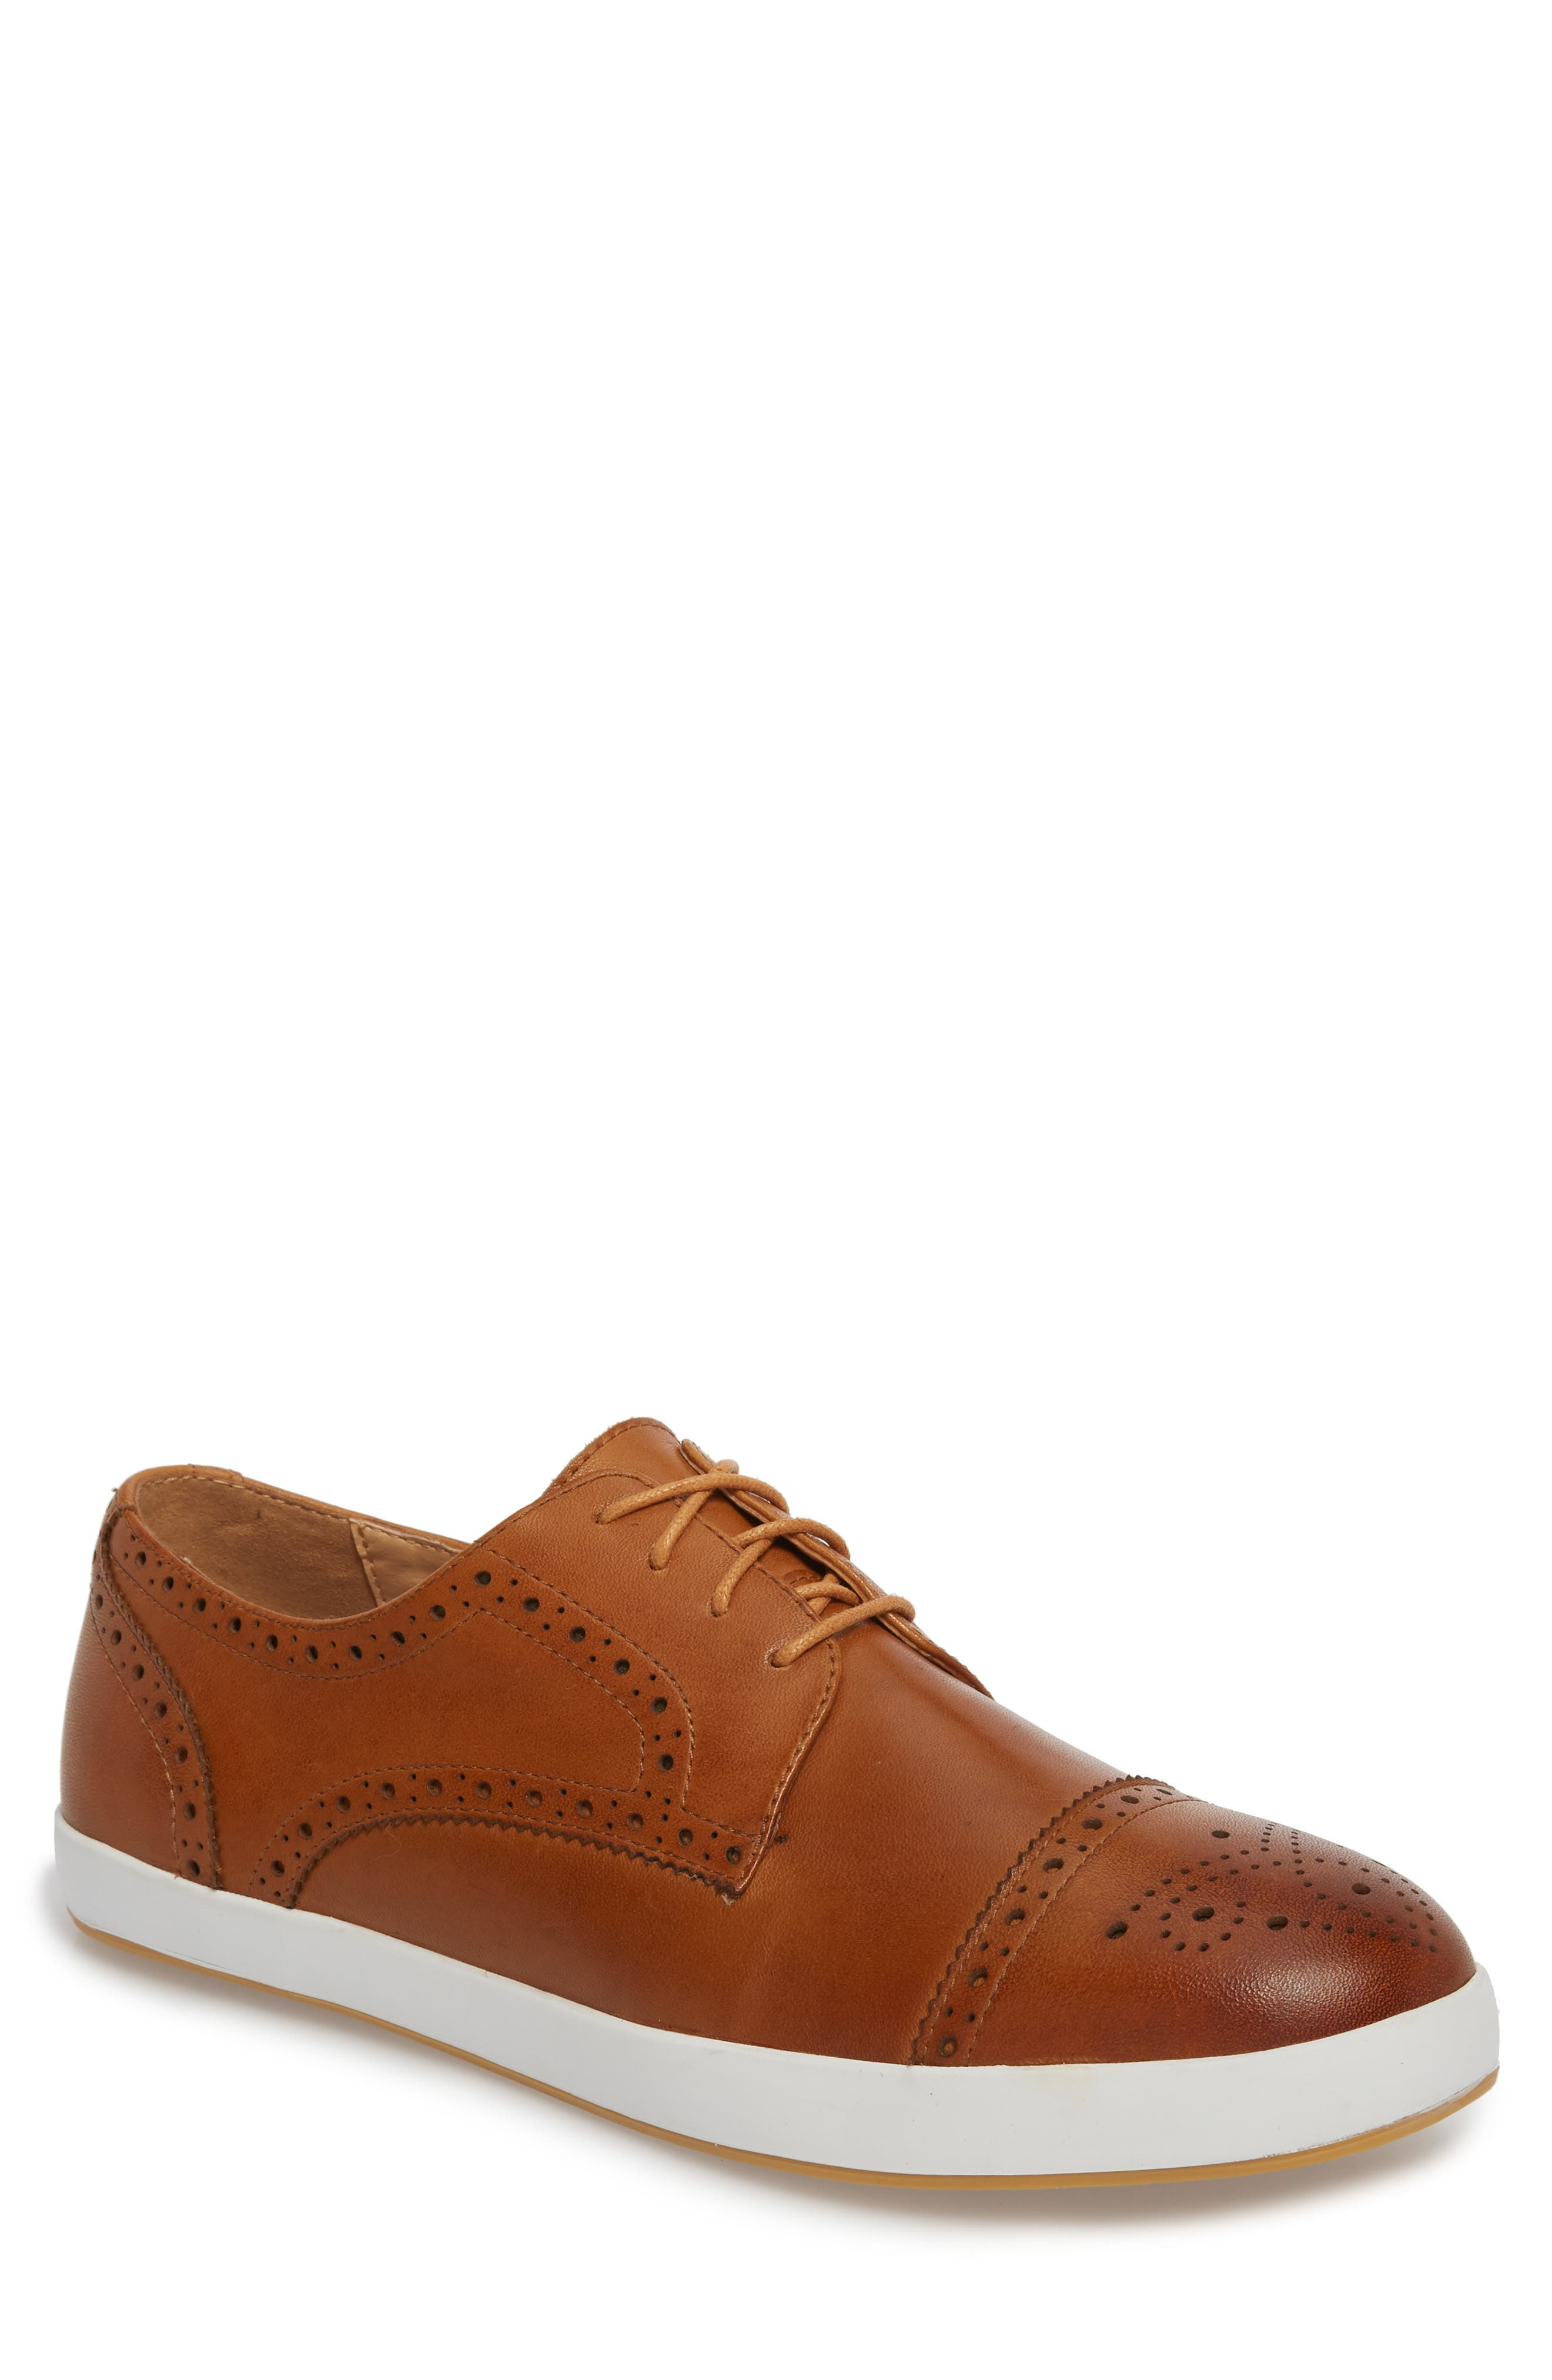 Dunnet Cap Toe Sneaker,                             Main thumbnail 1, color,                             Cognac Leather